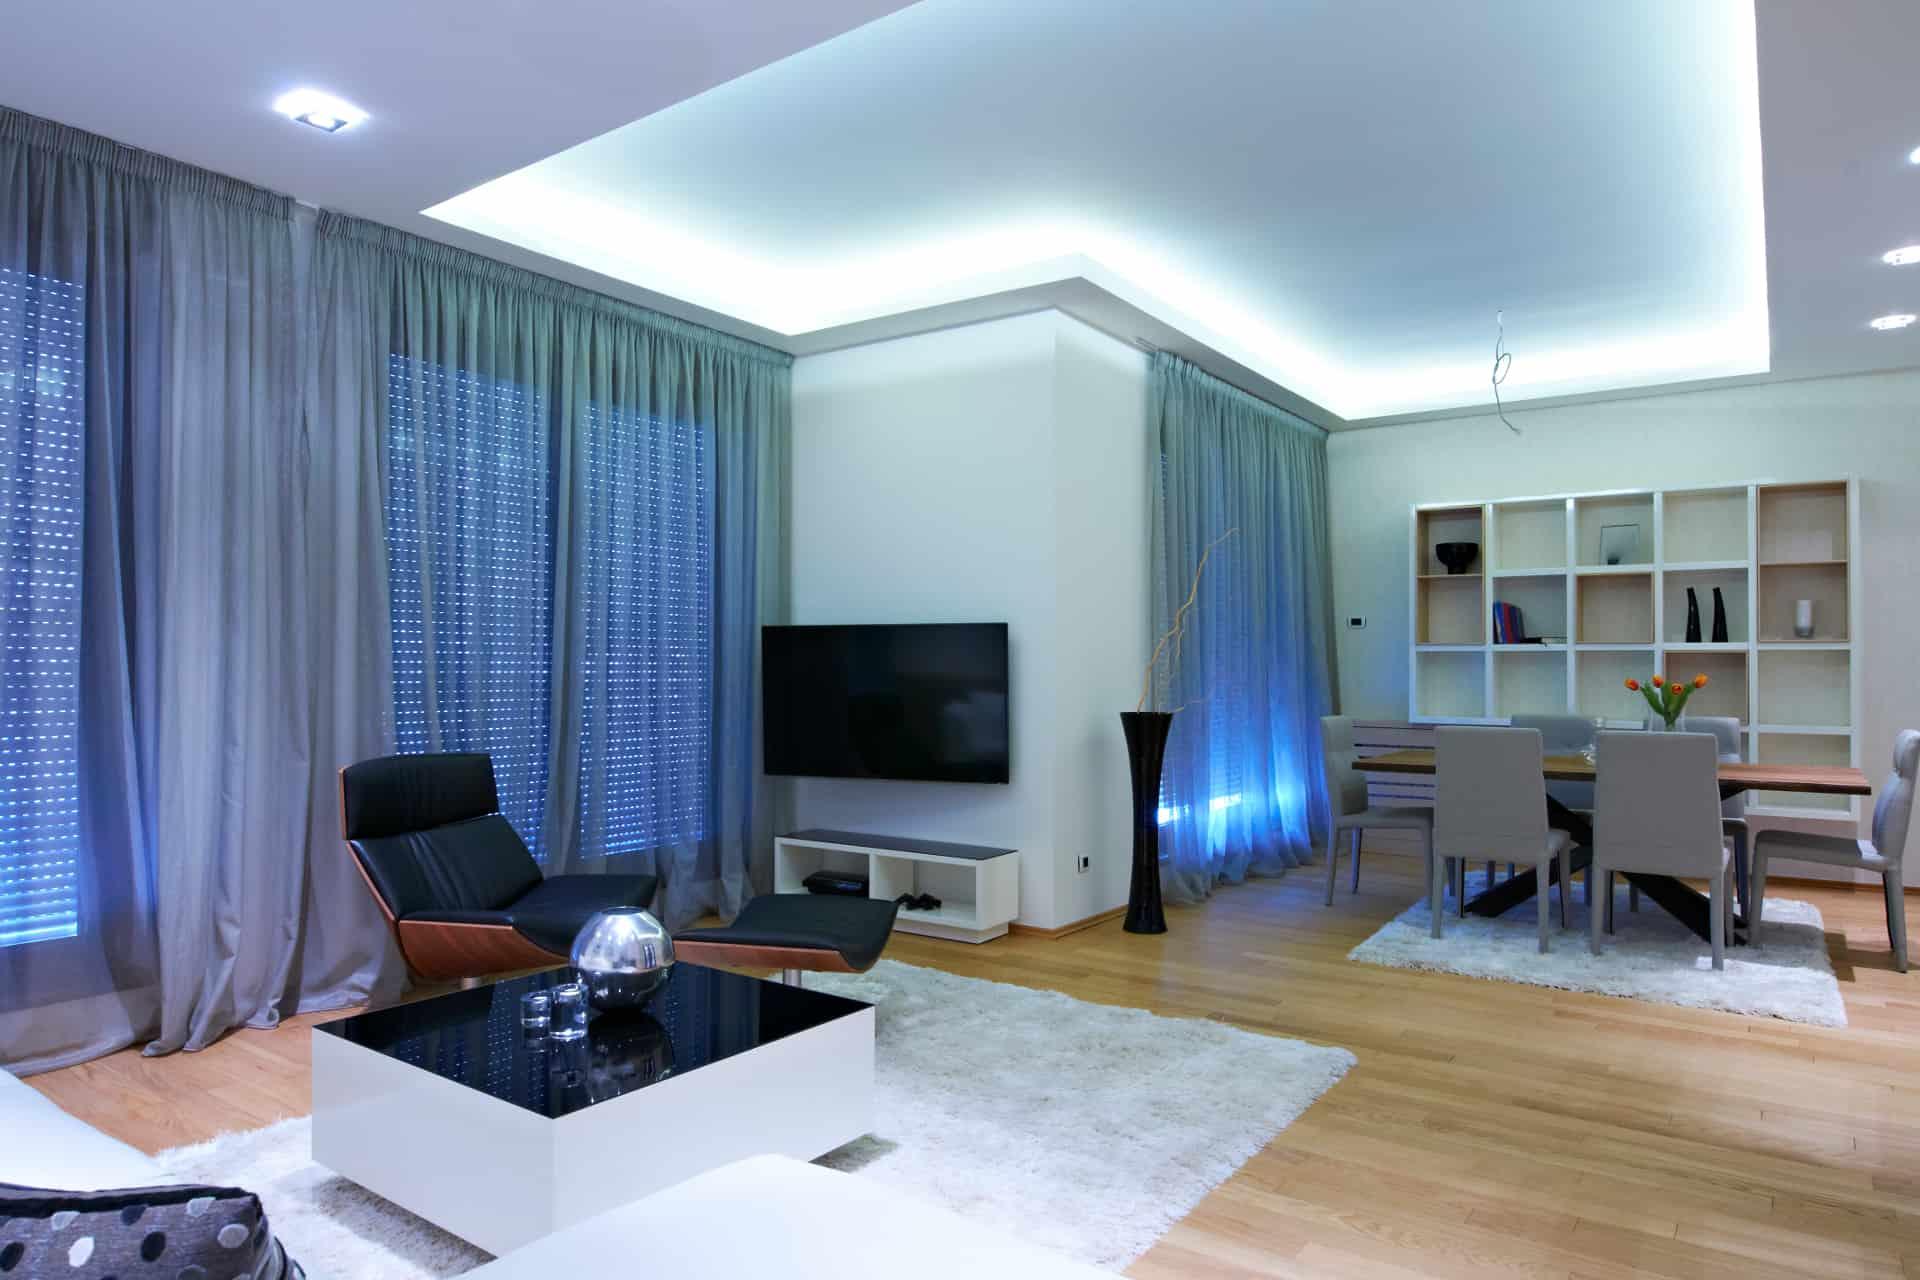 wie viel lumen braucht man r ume richtig ausleuchten. Black Bedroom Furniture Sets. Home Design Ideas